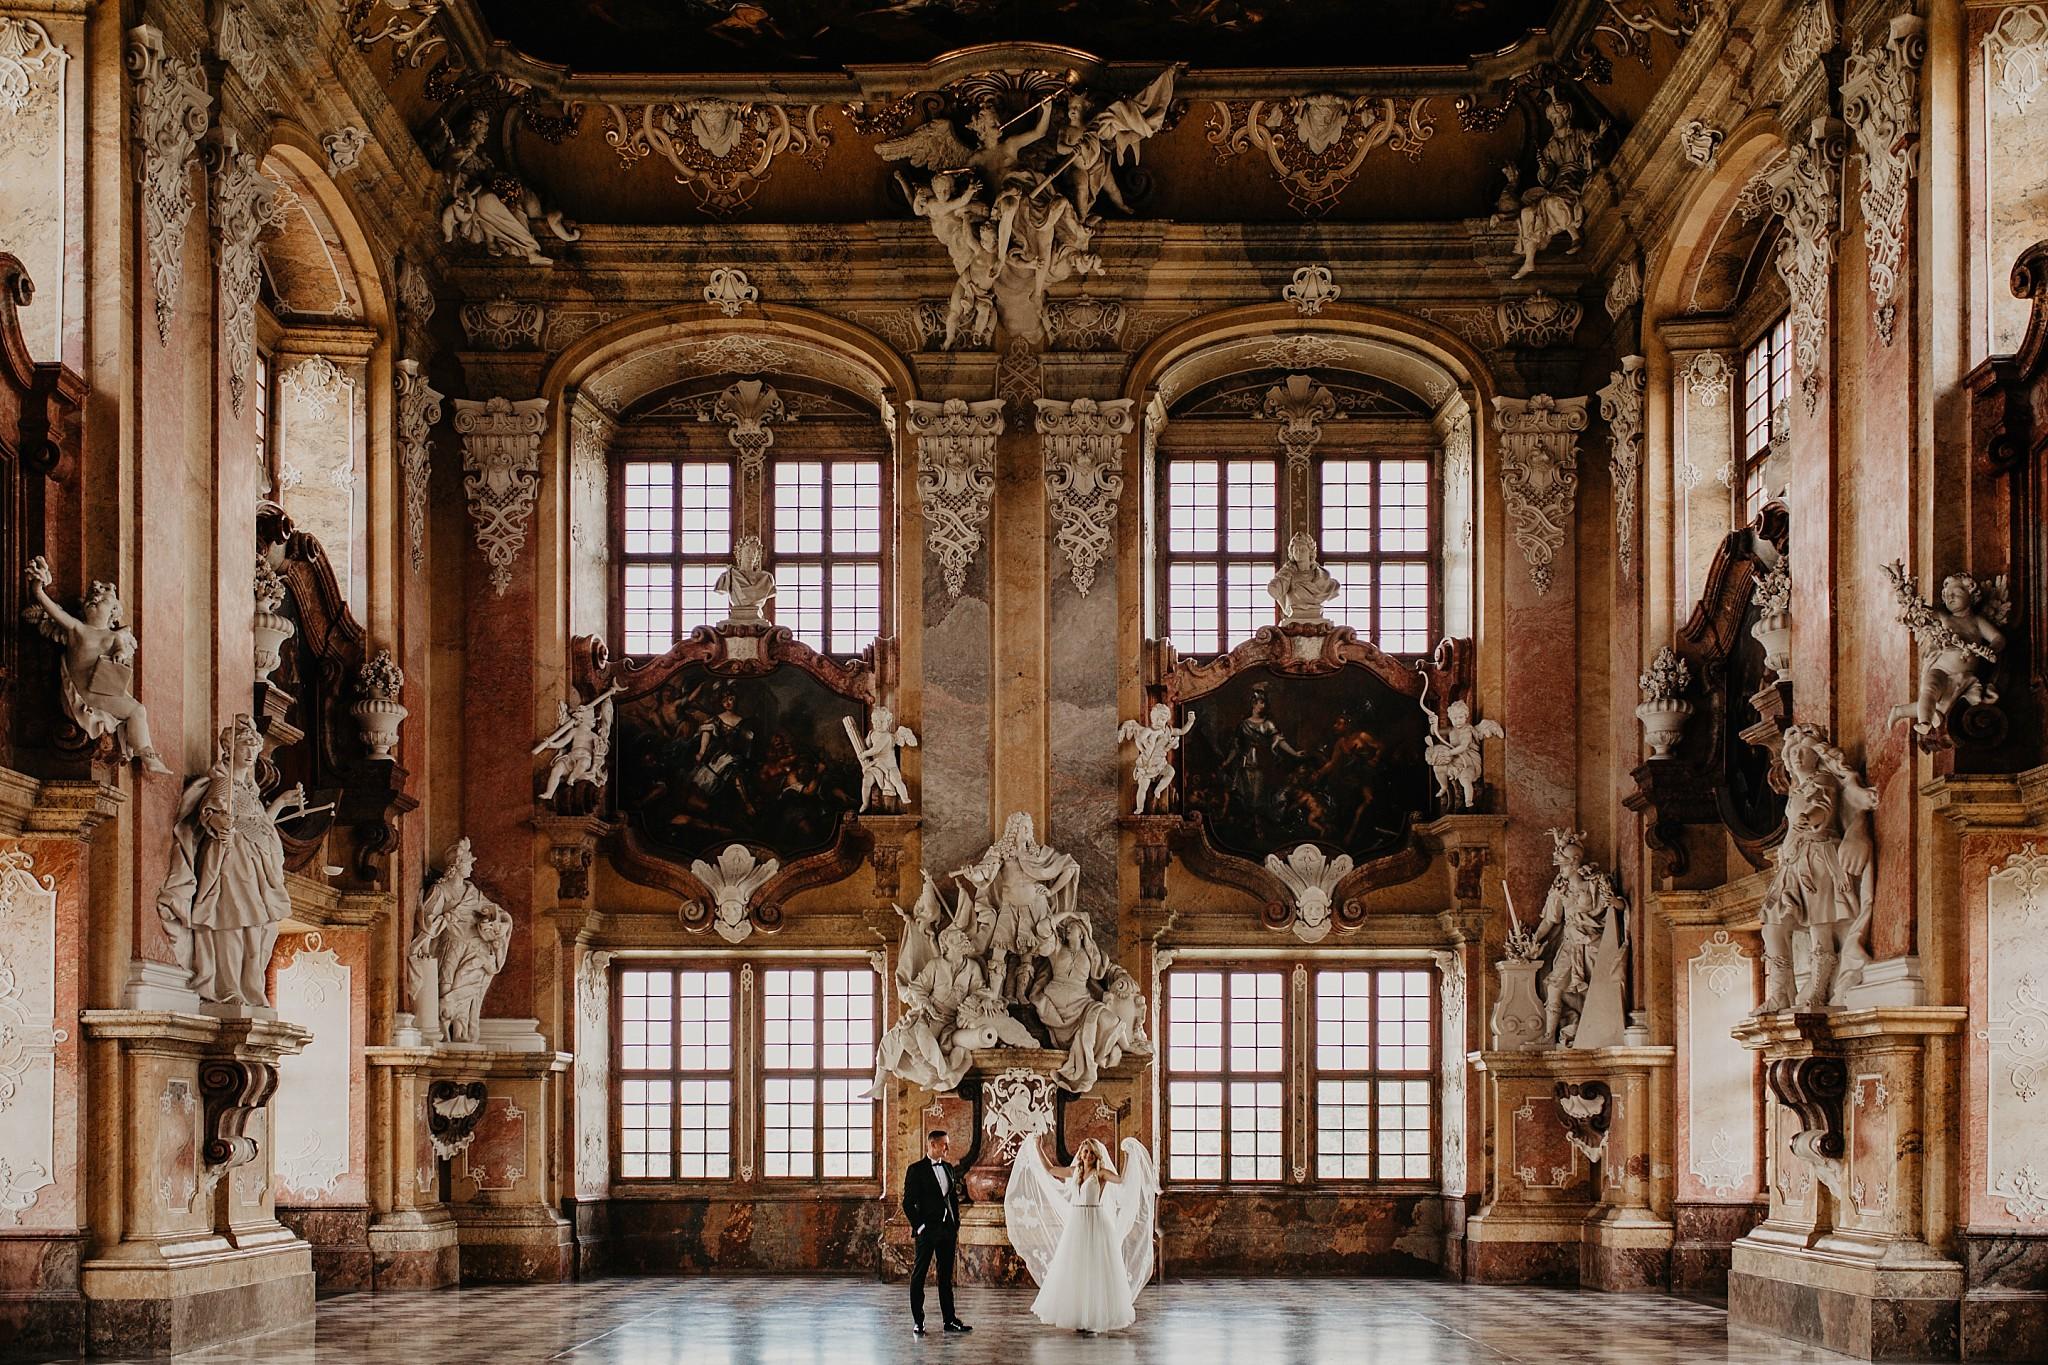 lubiaz opactwo cystersow sesja na zamku sesja zdjeciowa sesja slubna w palacu sesja palac fotograf z poznania fotografia slubna poznan 048